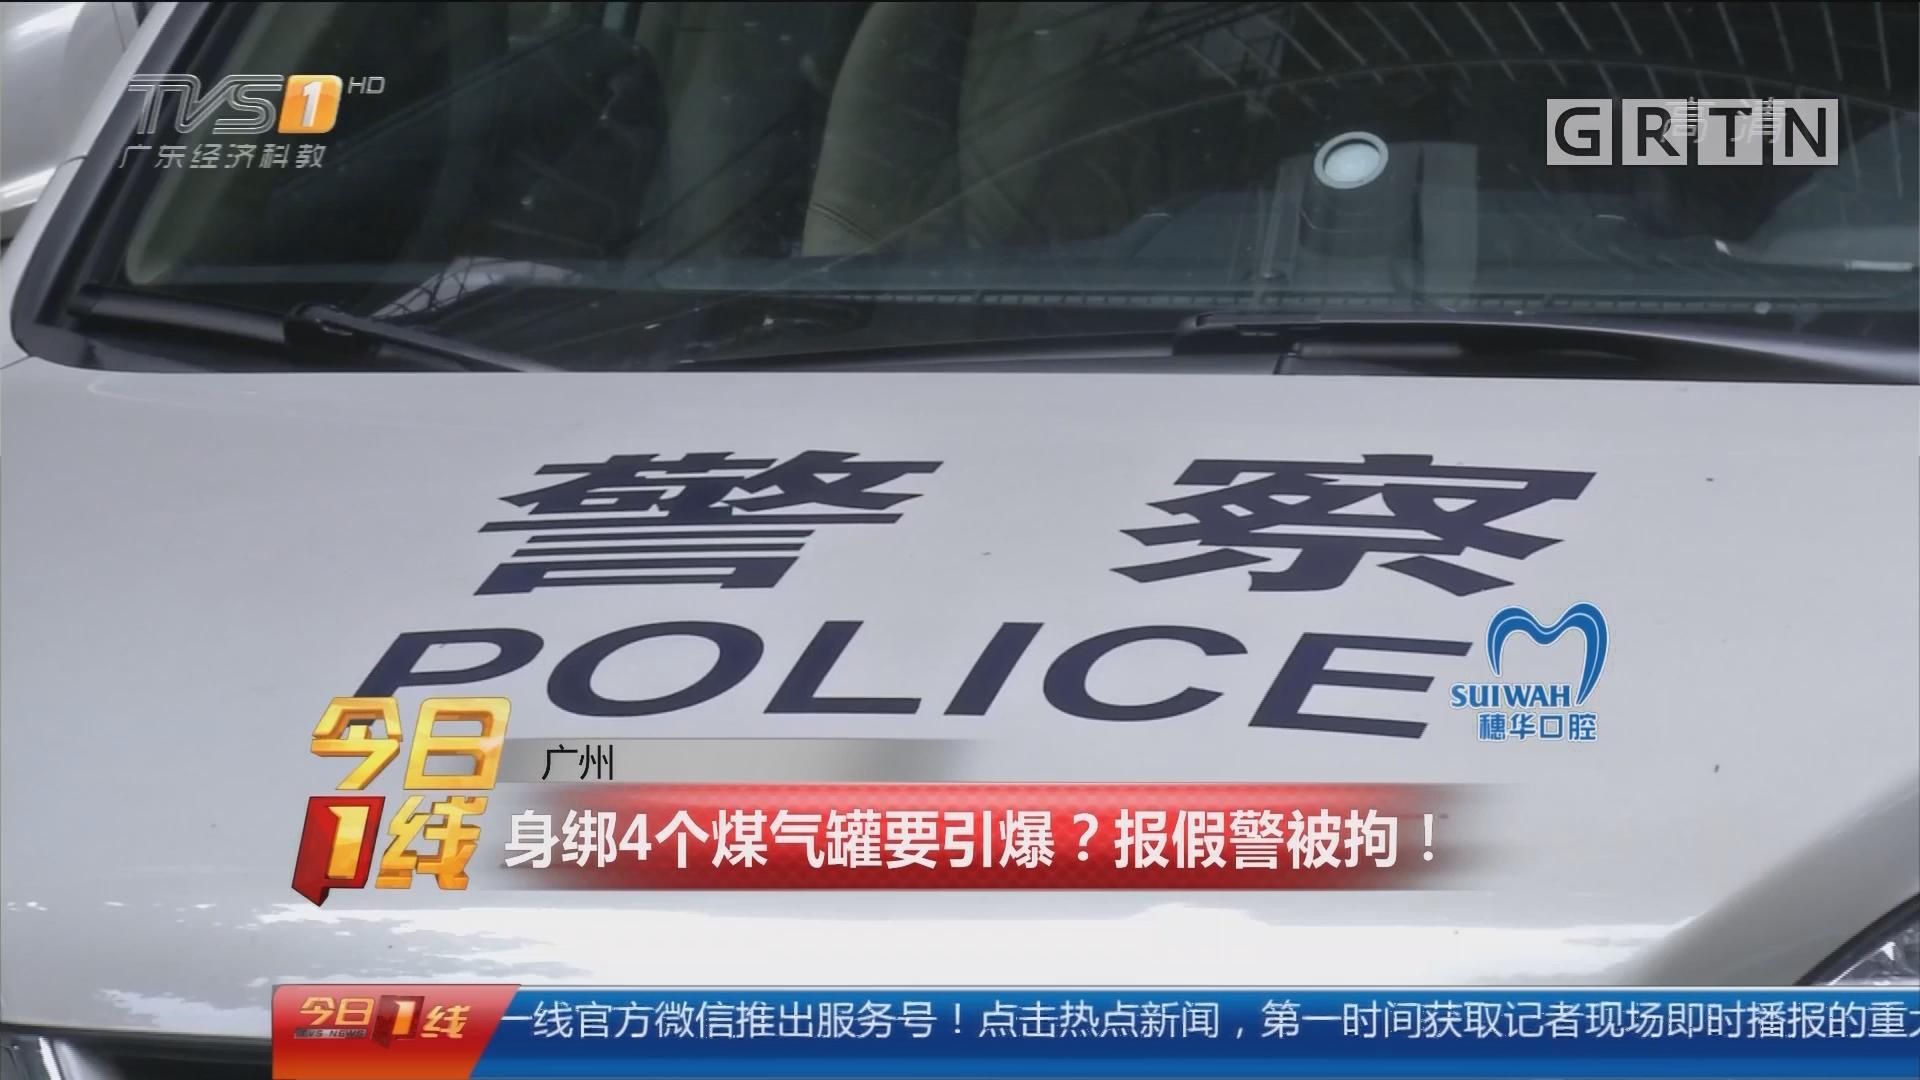 广州:身绑4个煤气罐要引爆?报假警被拘